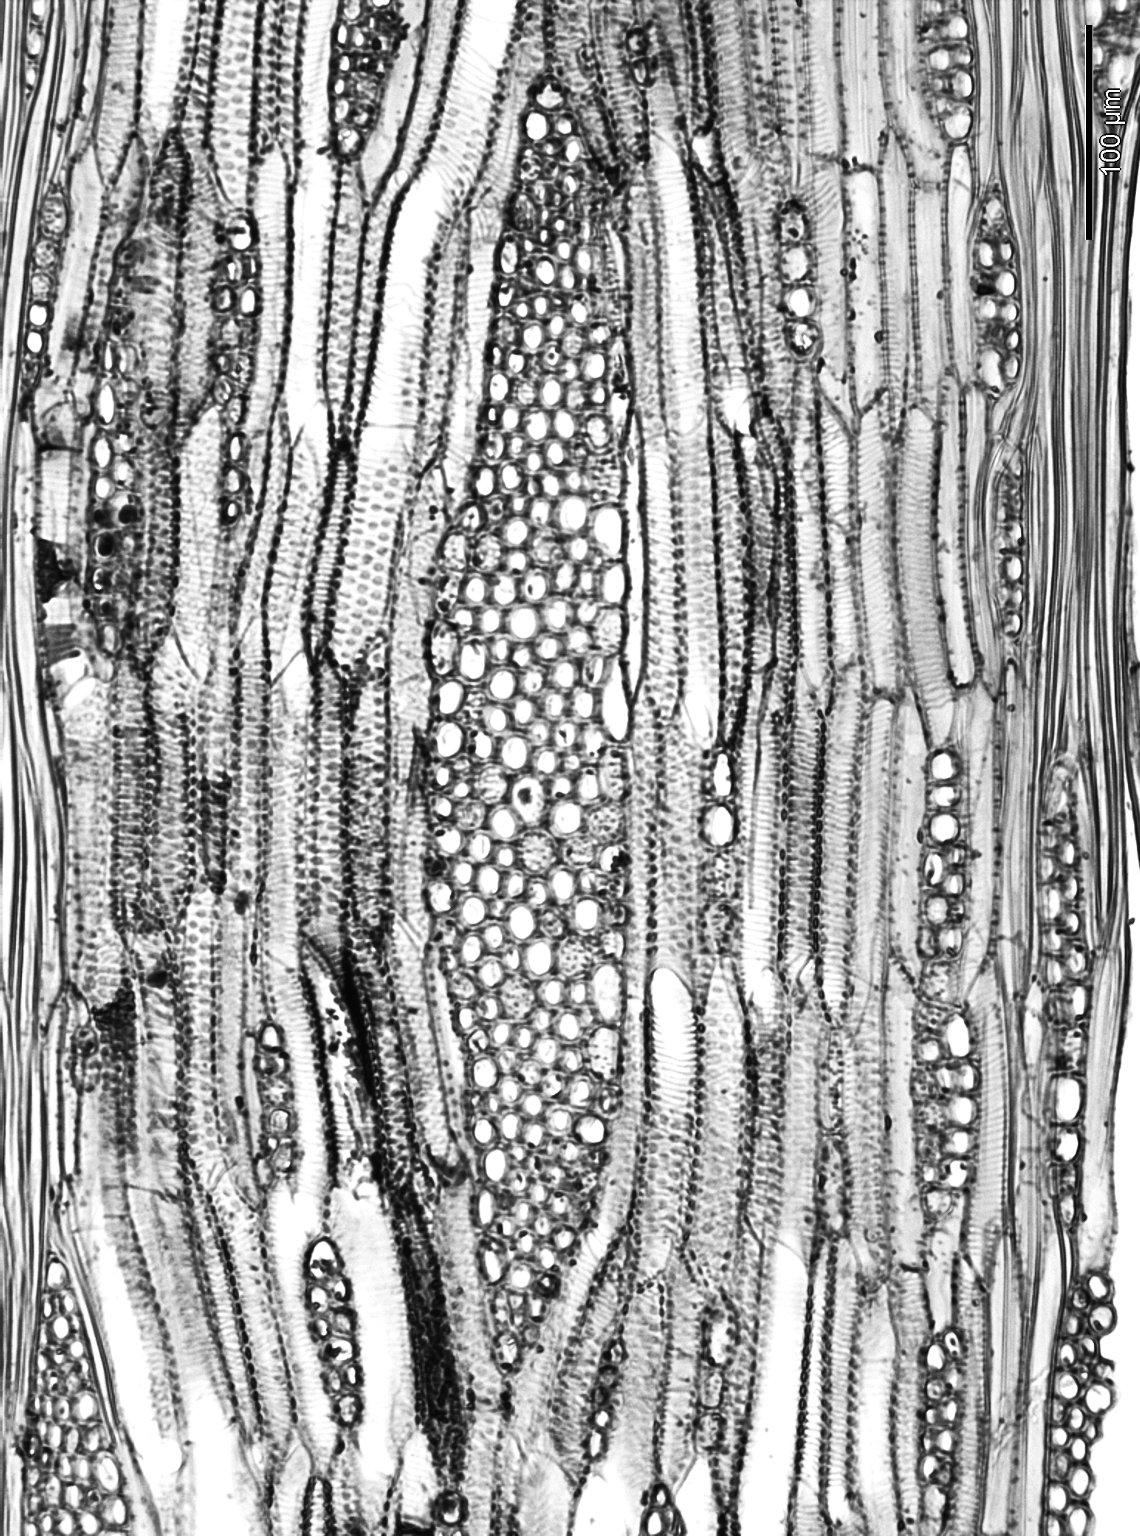 LEGUMINOSAE PAPILIONOIDEAE Cytisus scoparius